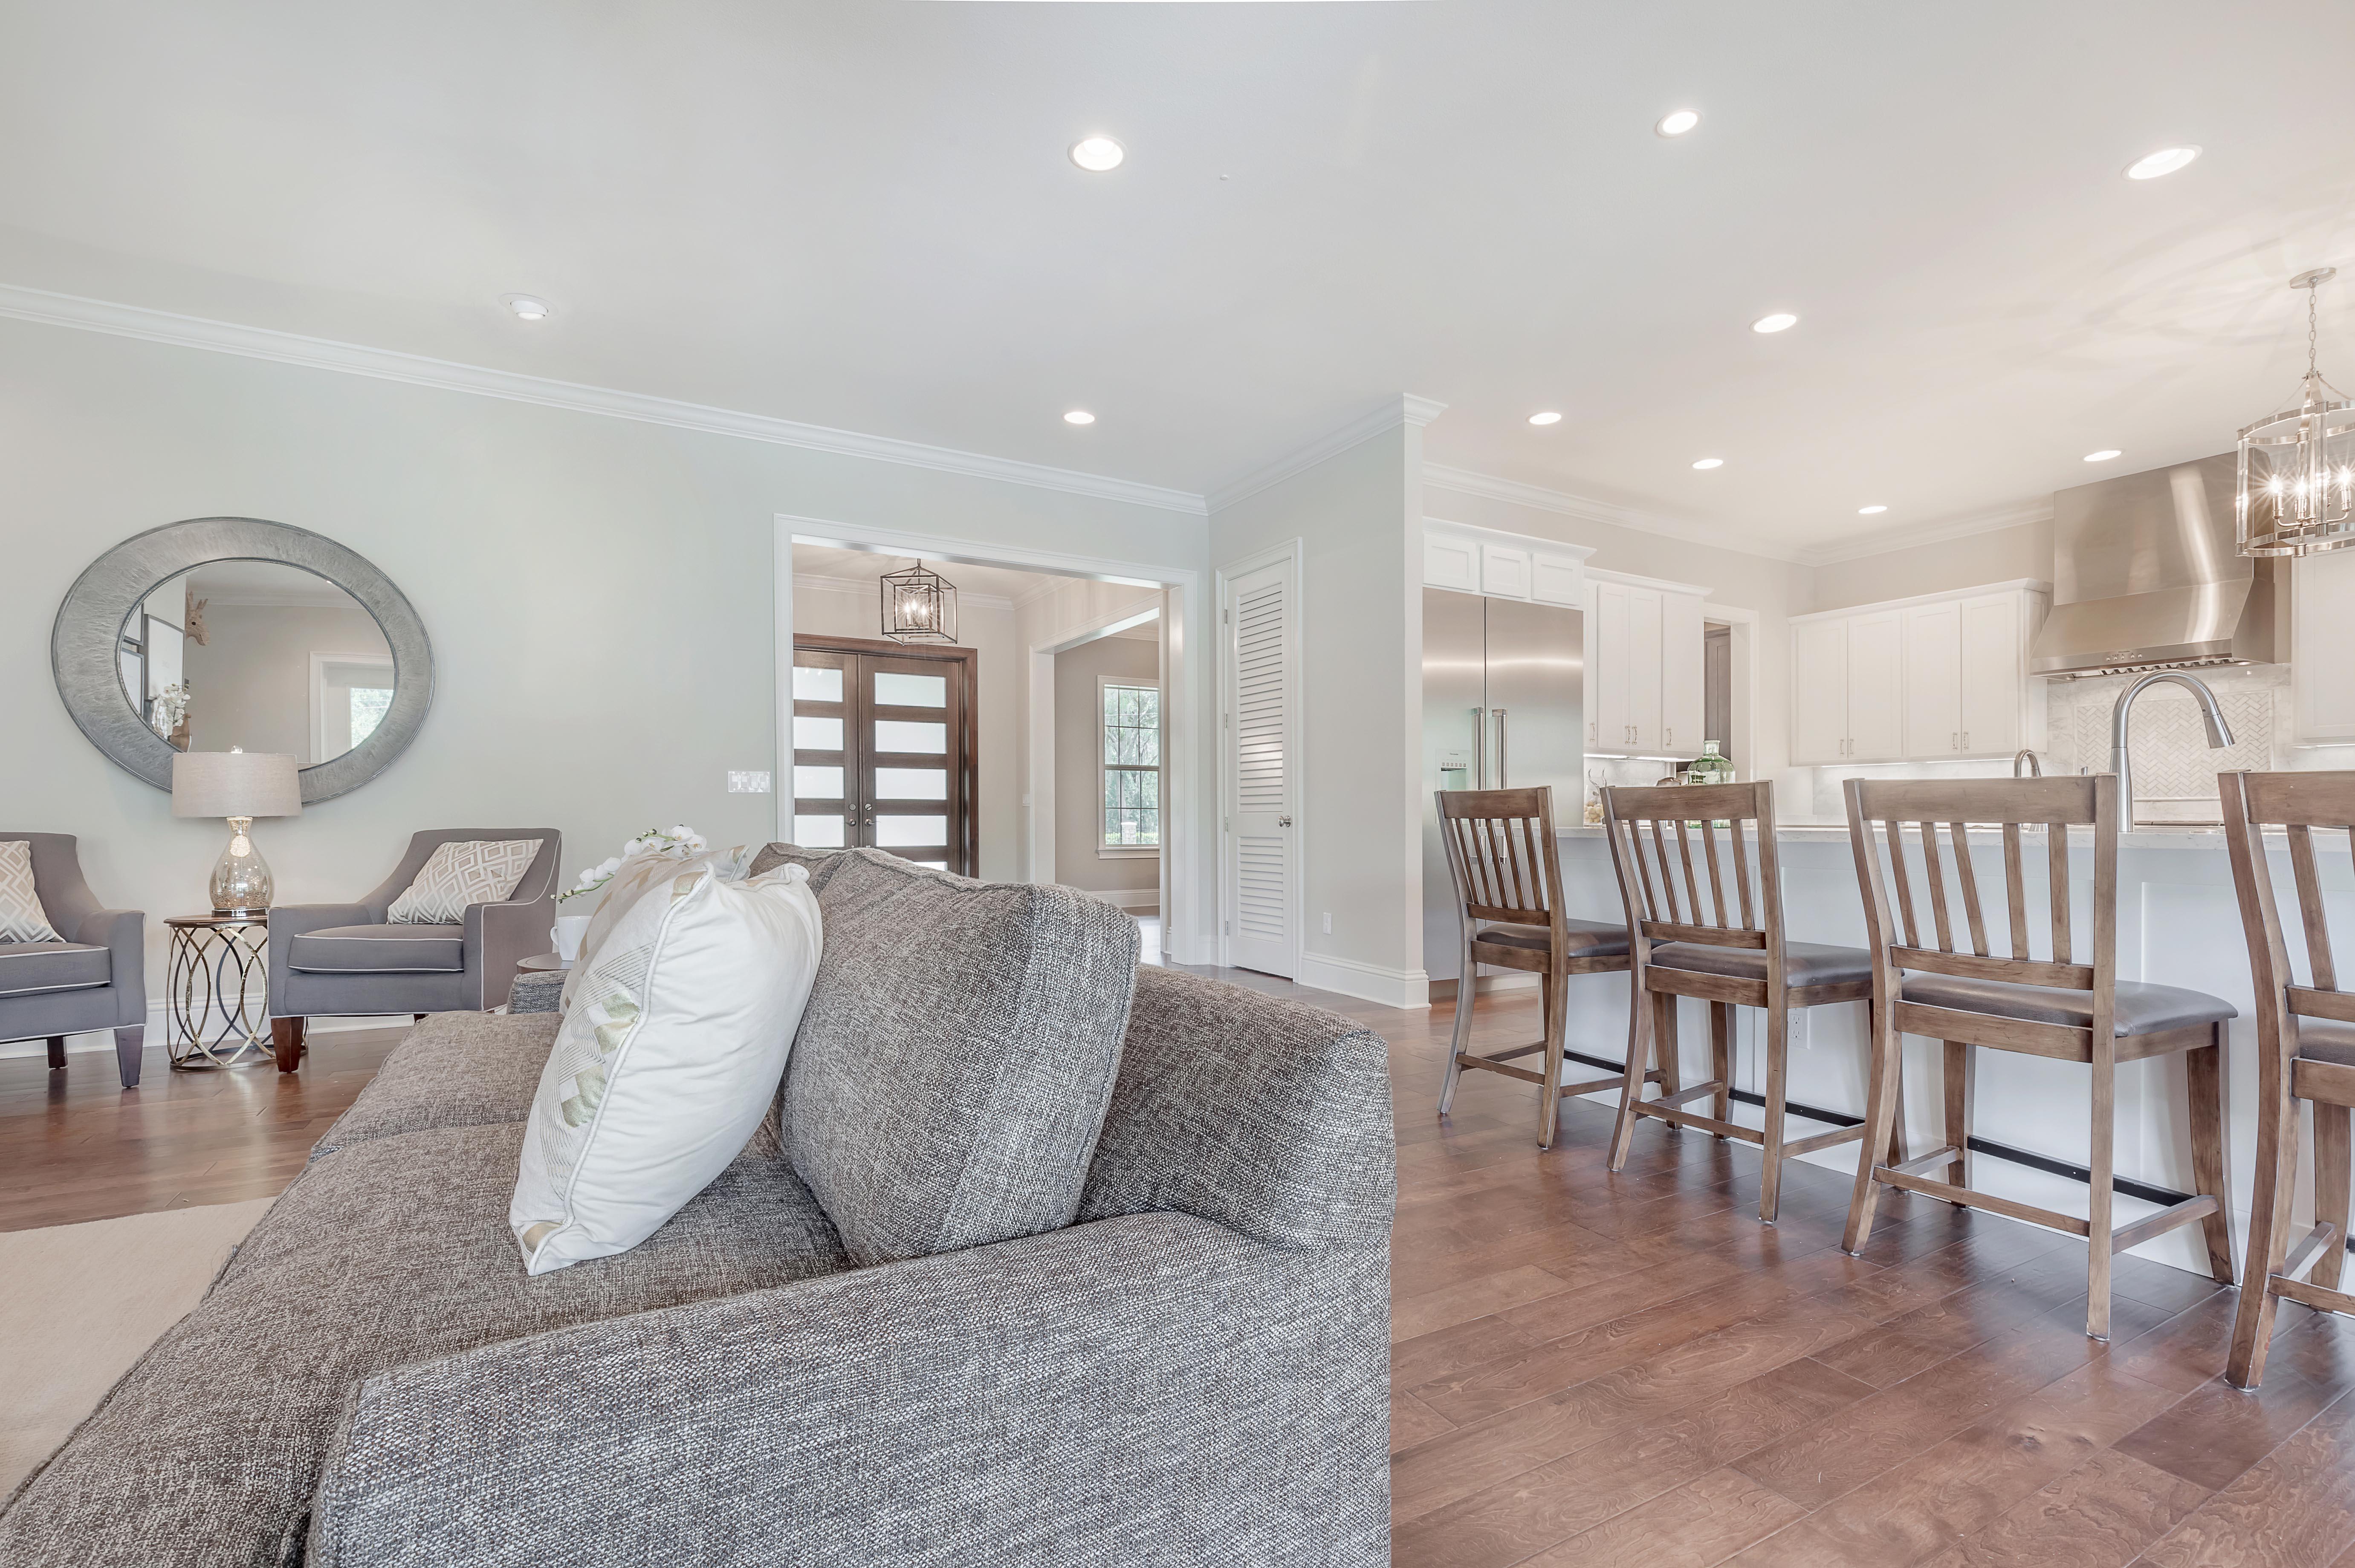 Executive New Home by Veranda Homes - Cardinal Designs